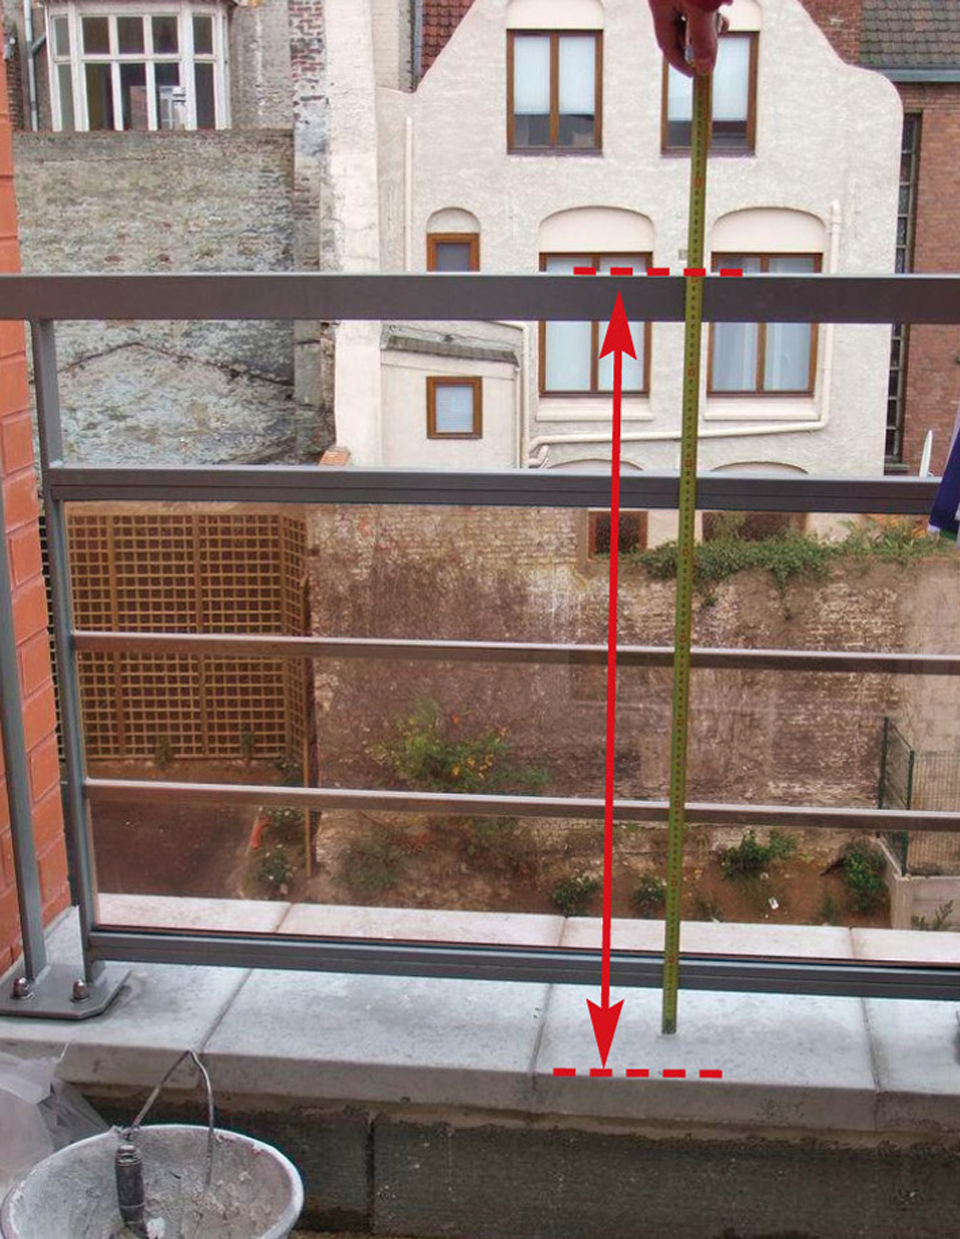 Garde-corps où la hauteur est insuffisante depuis la zone d'appui précaire